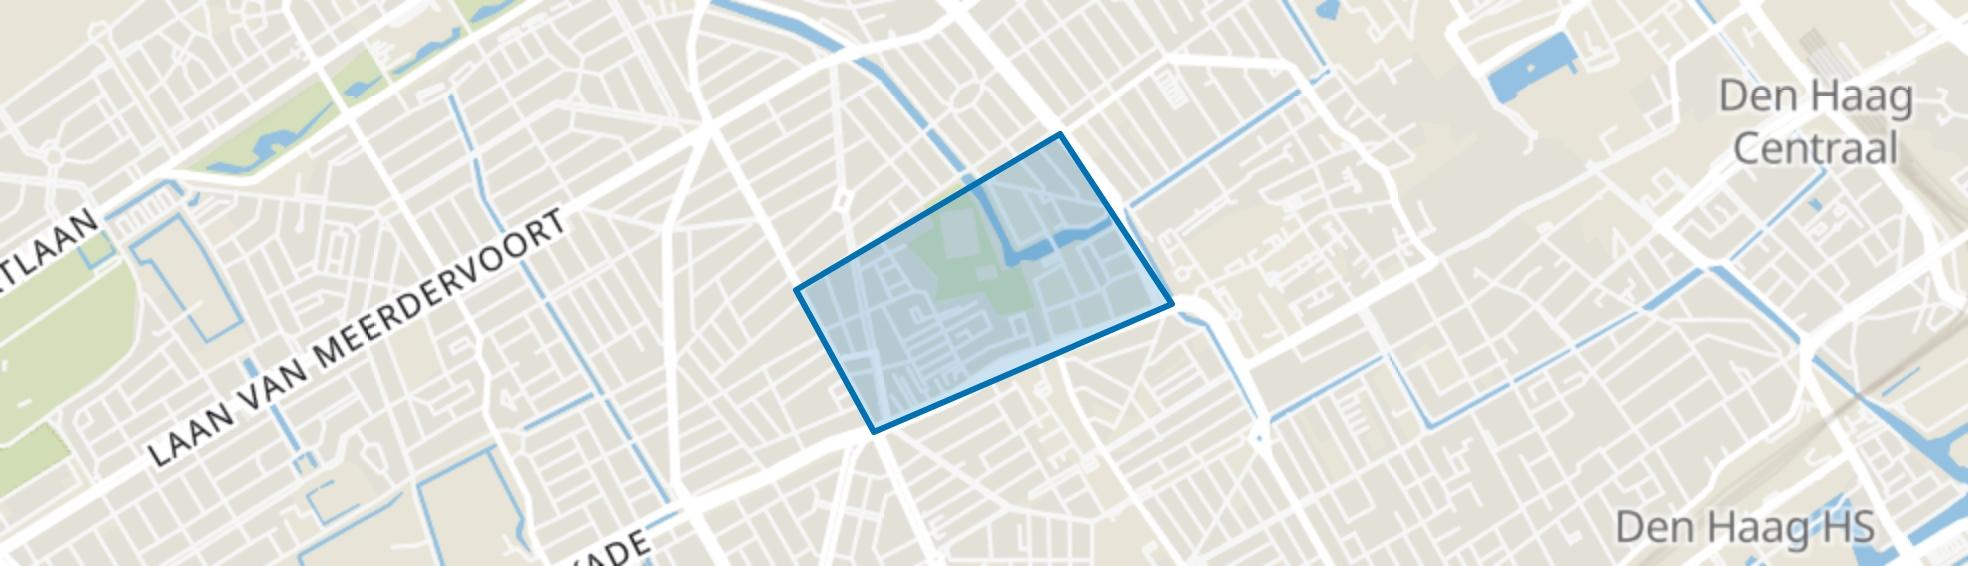 Rond de Energiecentrale, Den Haag map